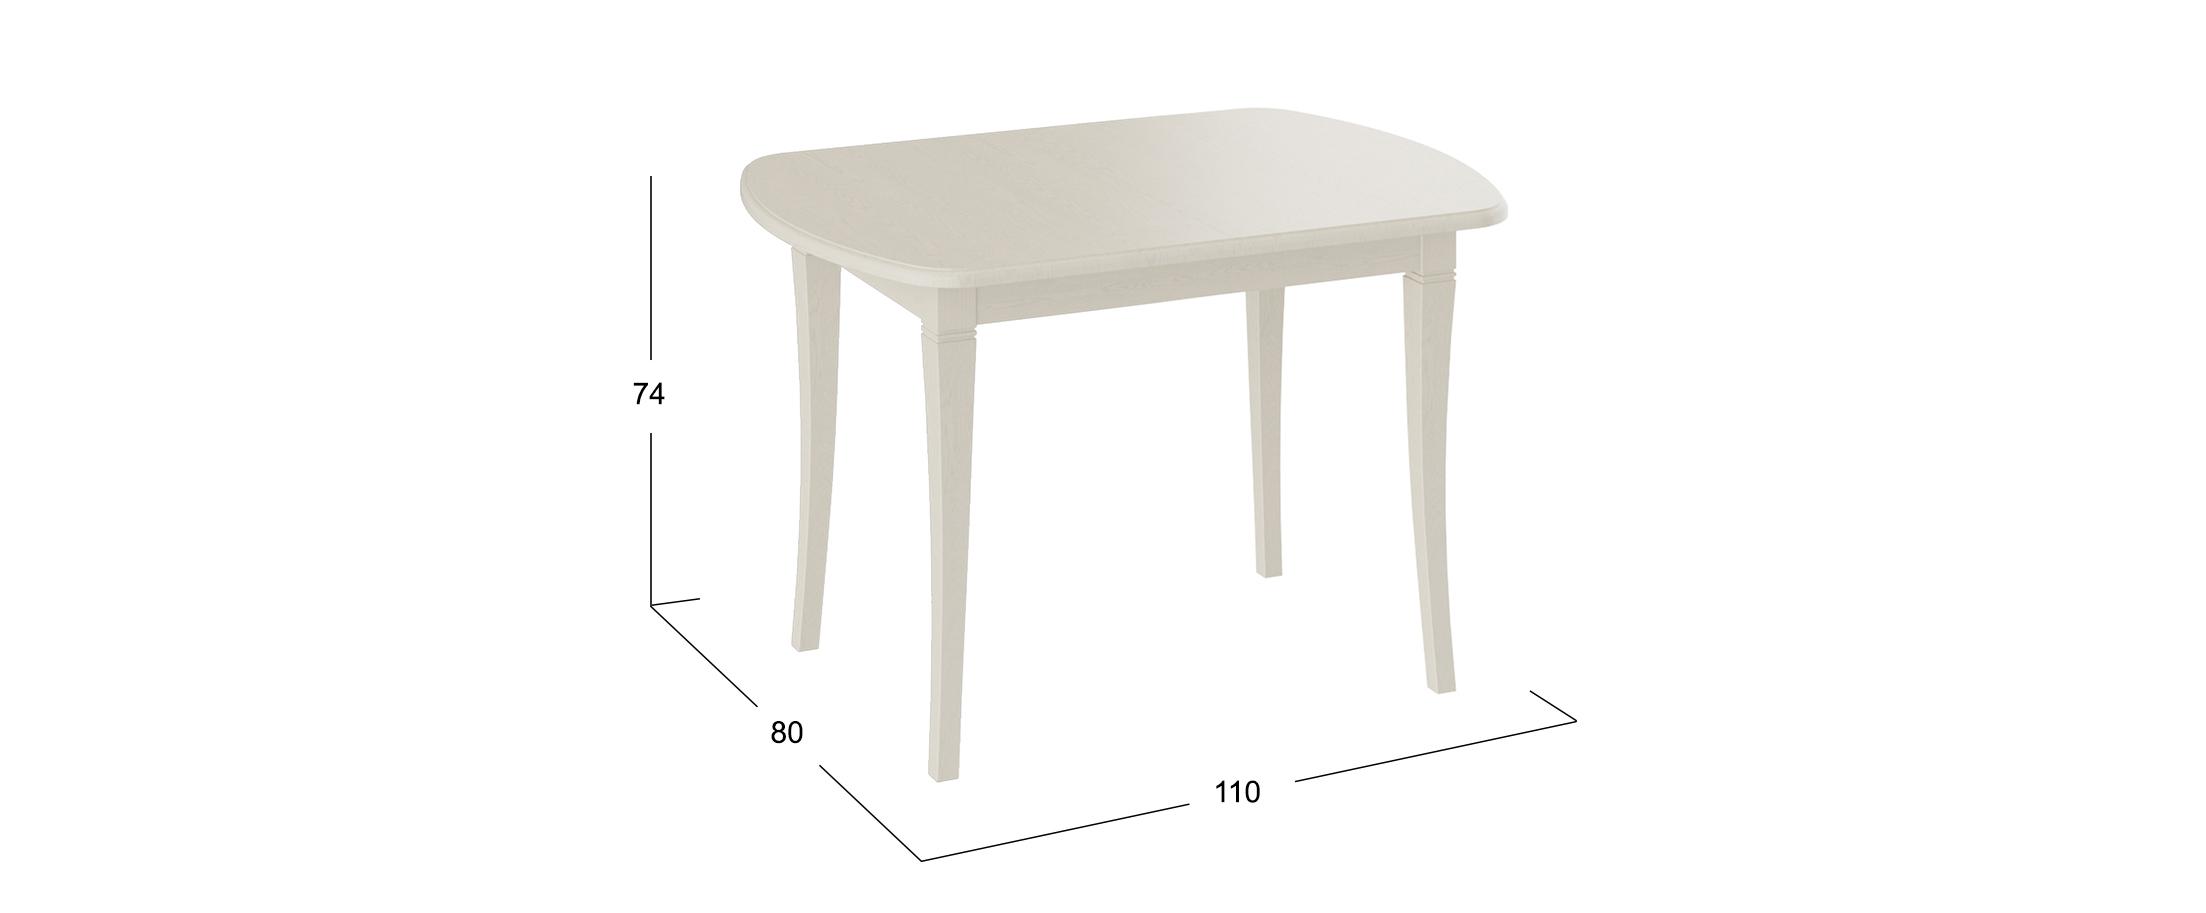 Стол обеденный Альт 110*80 Слоновая кость